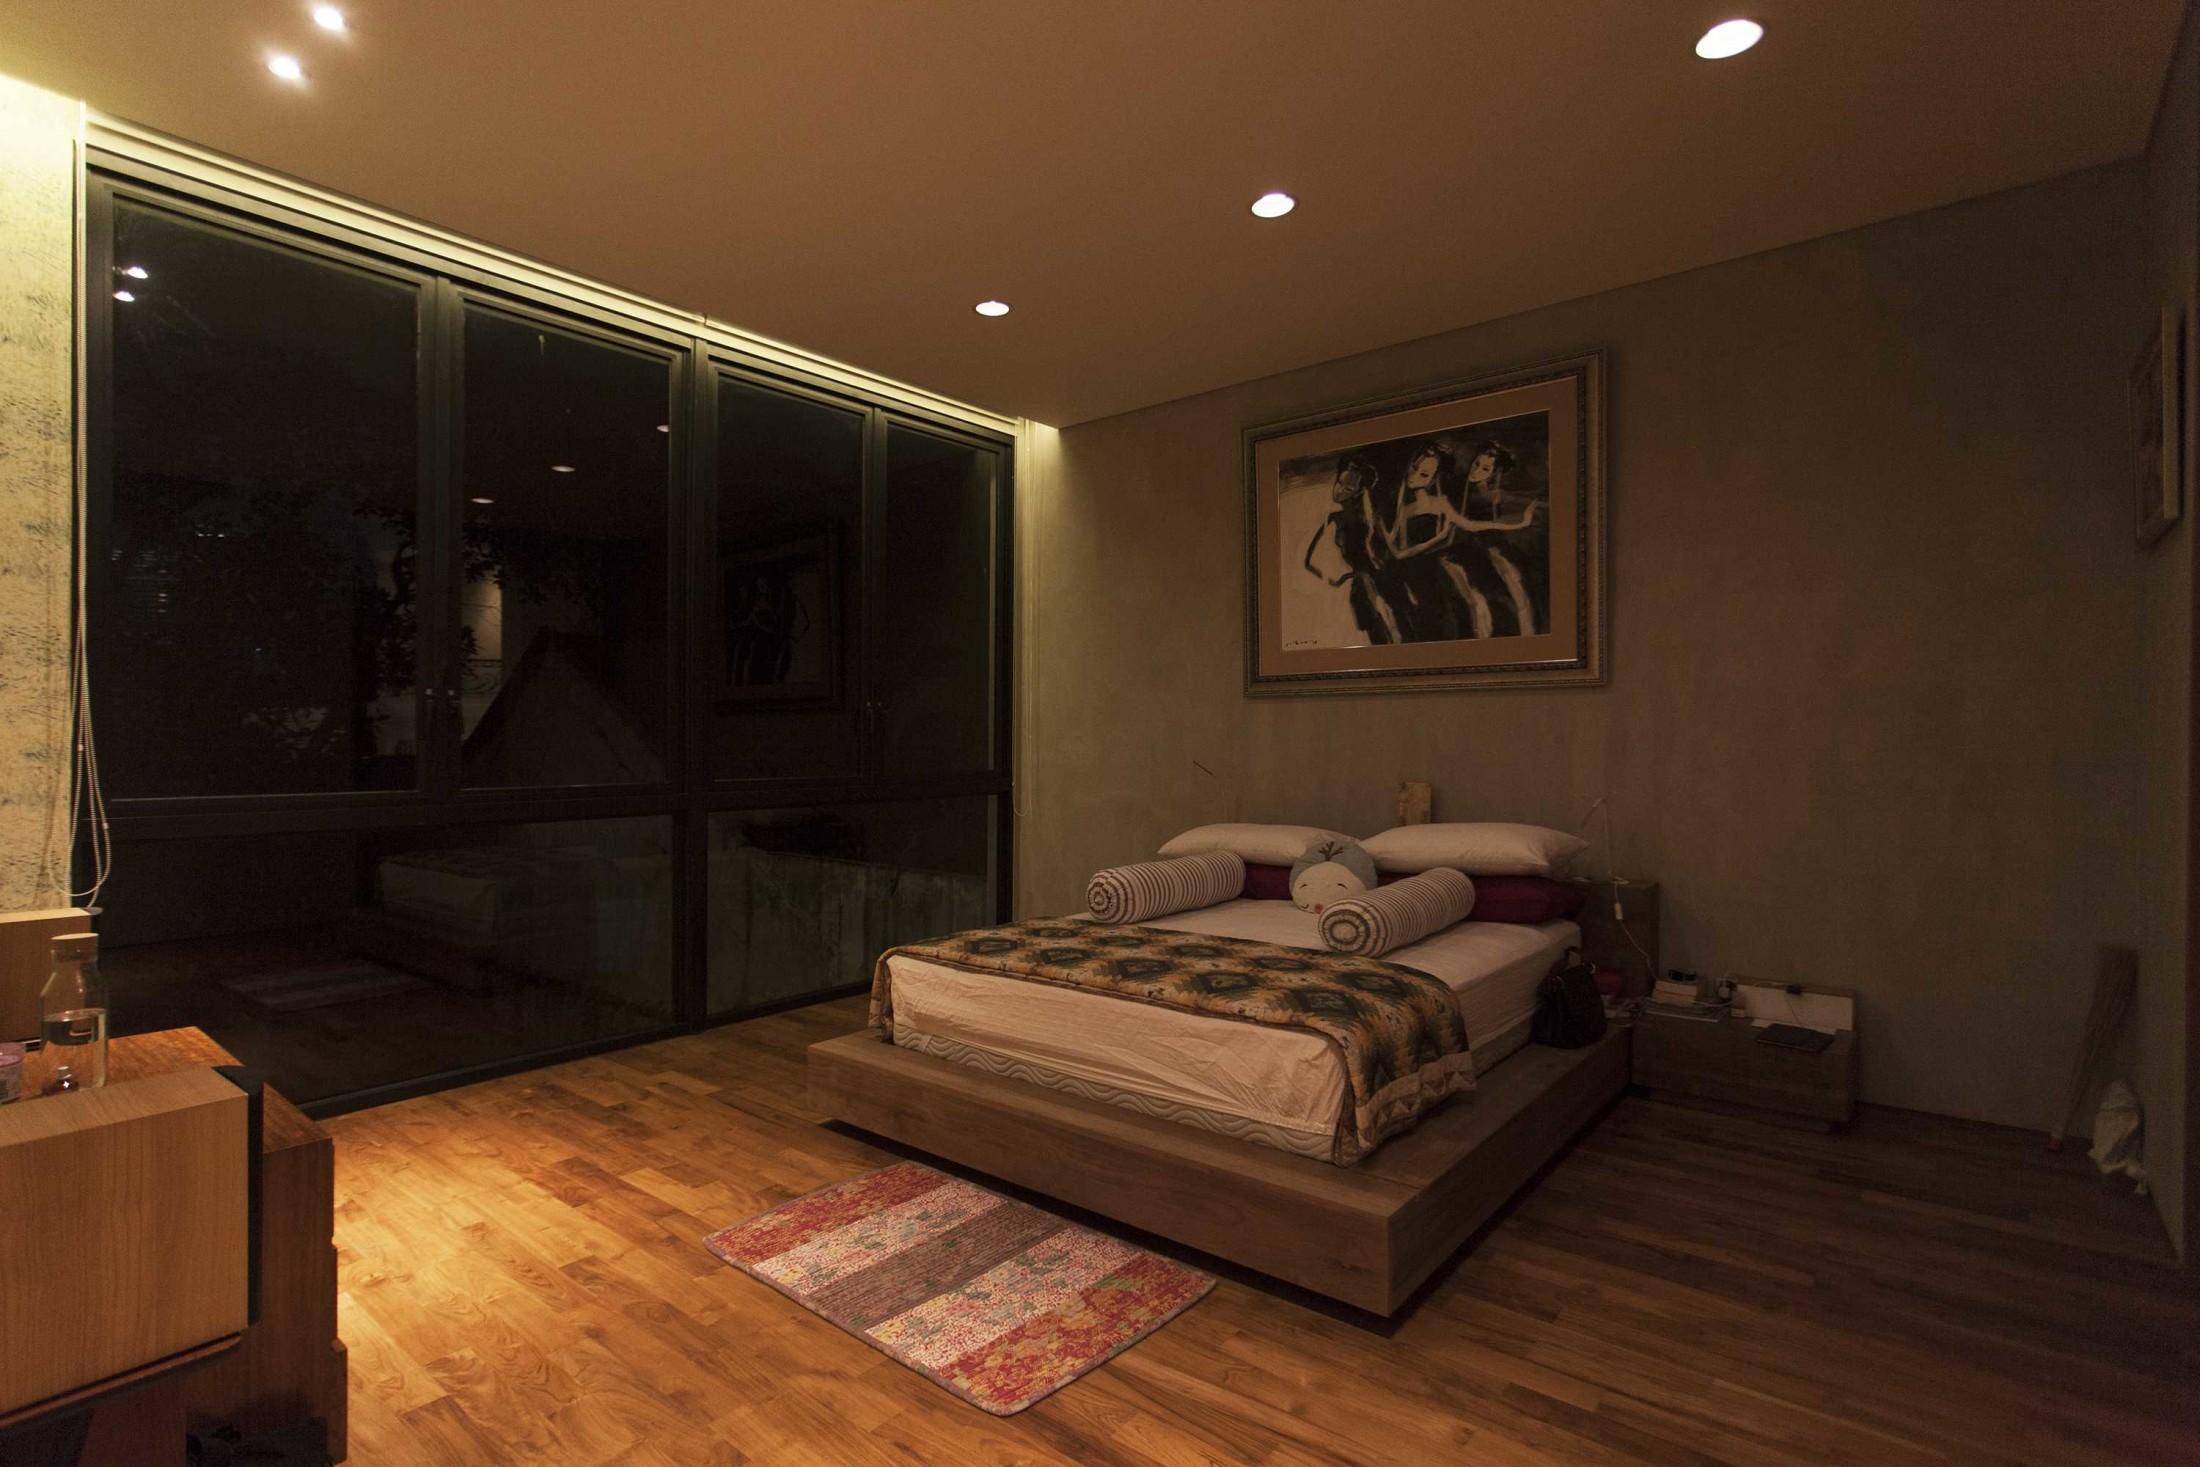 Kamar tidur industrial minimalis (Sumber: arsitag.com)